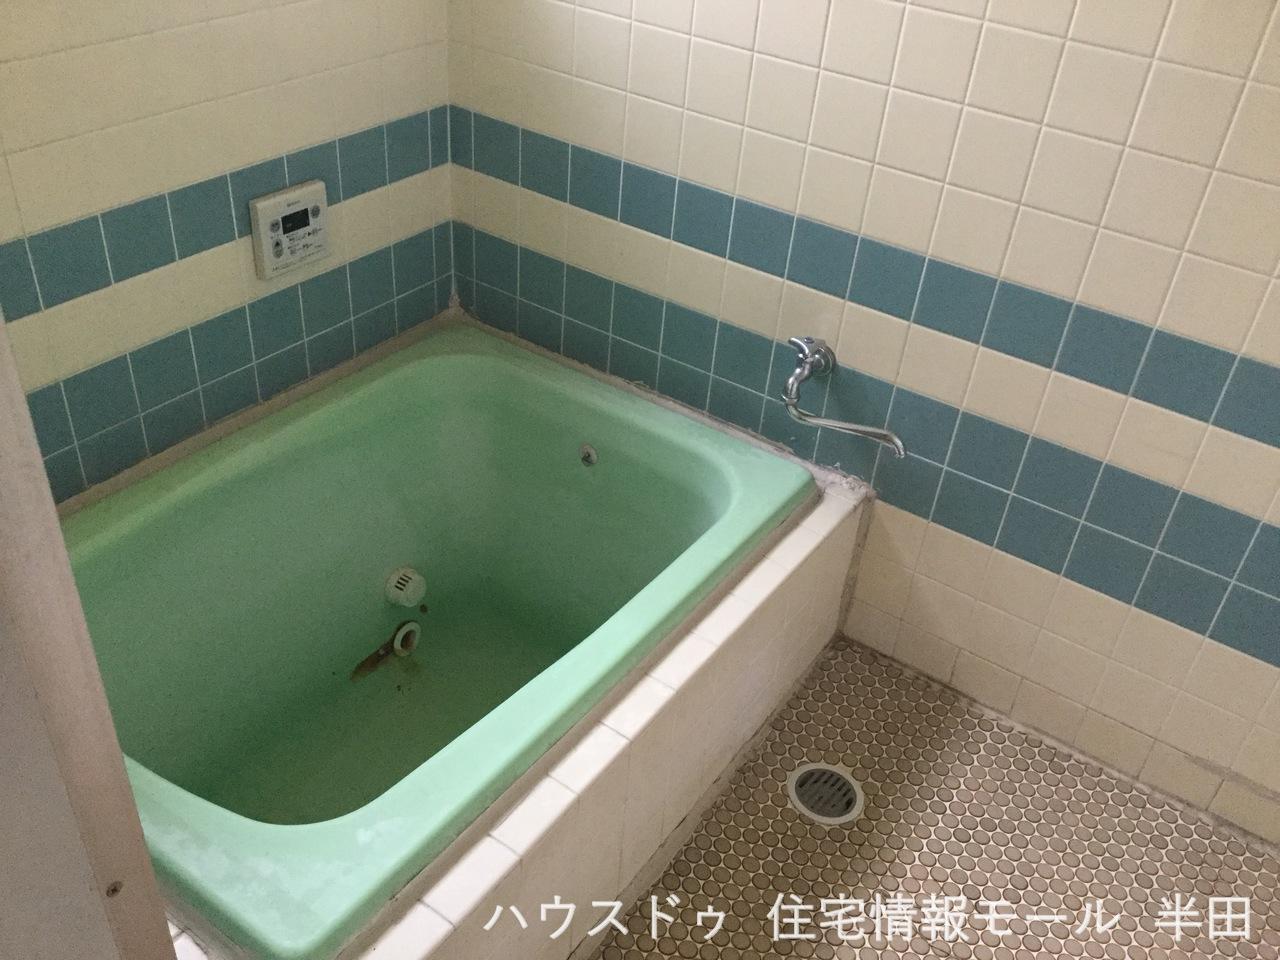 タイル調がおしゃれな浴室です 疲れた体と心を癒しましょう